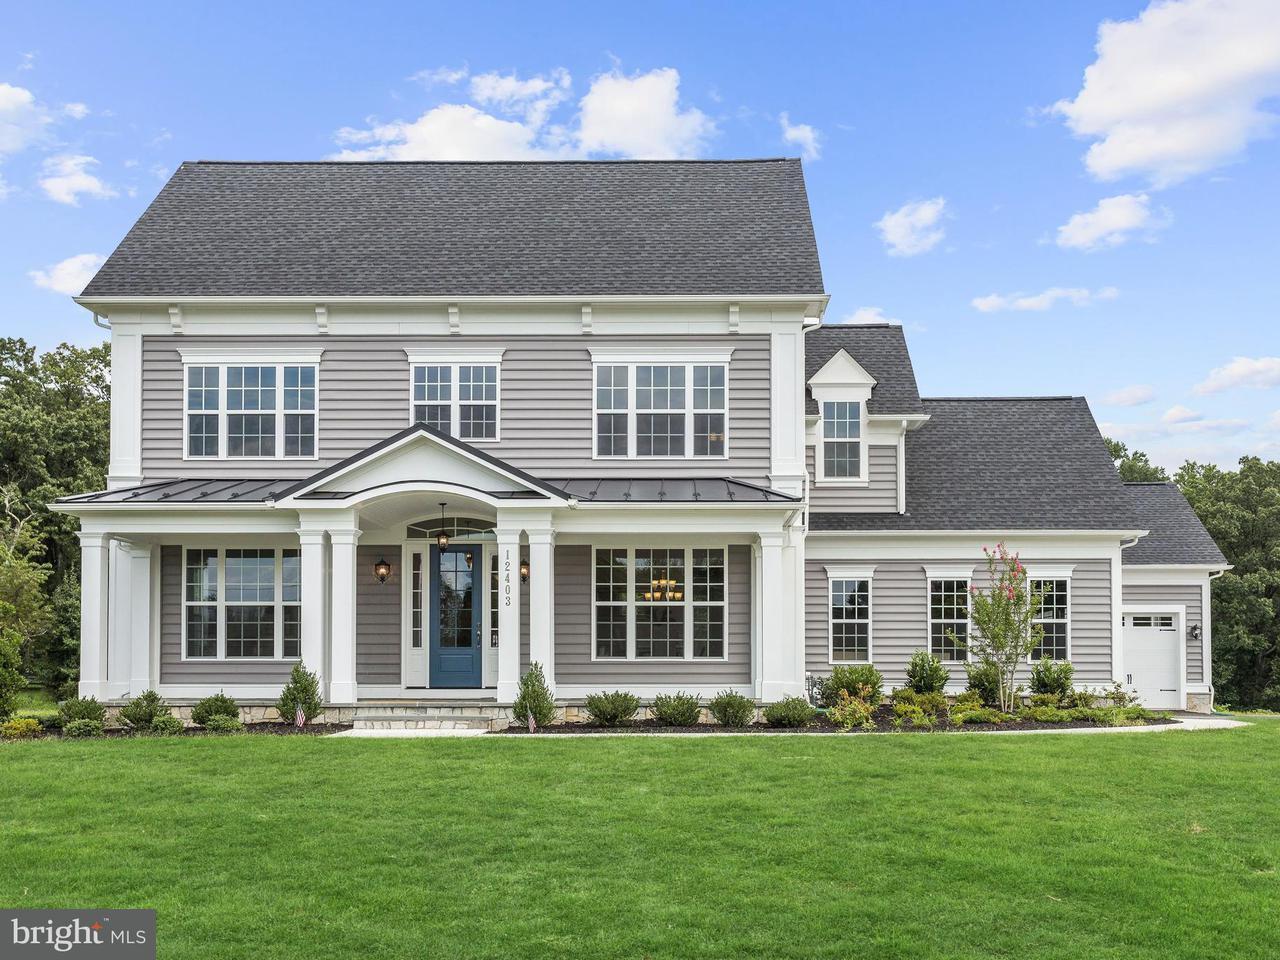 Casa Unifamiliar por un Venta en 12403 All Daughters Lane 12403 All Daughters Lane Highland, Maryland 20777 Estados Unidos